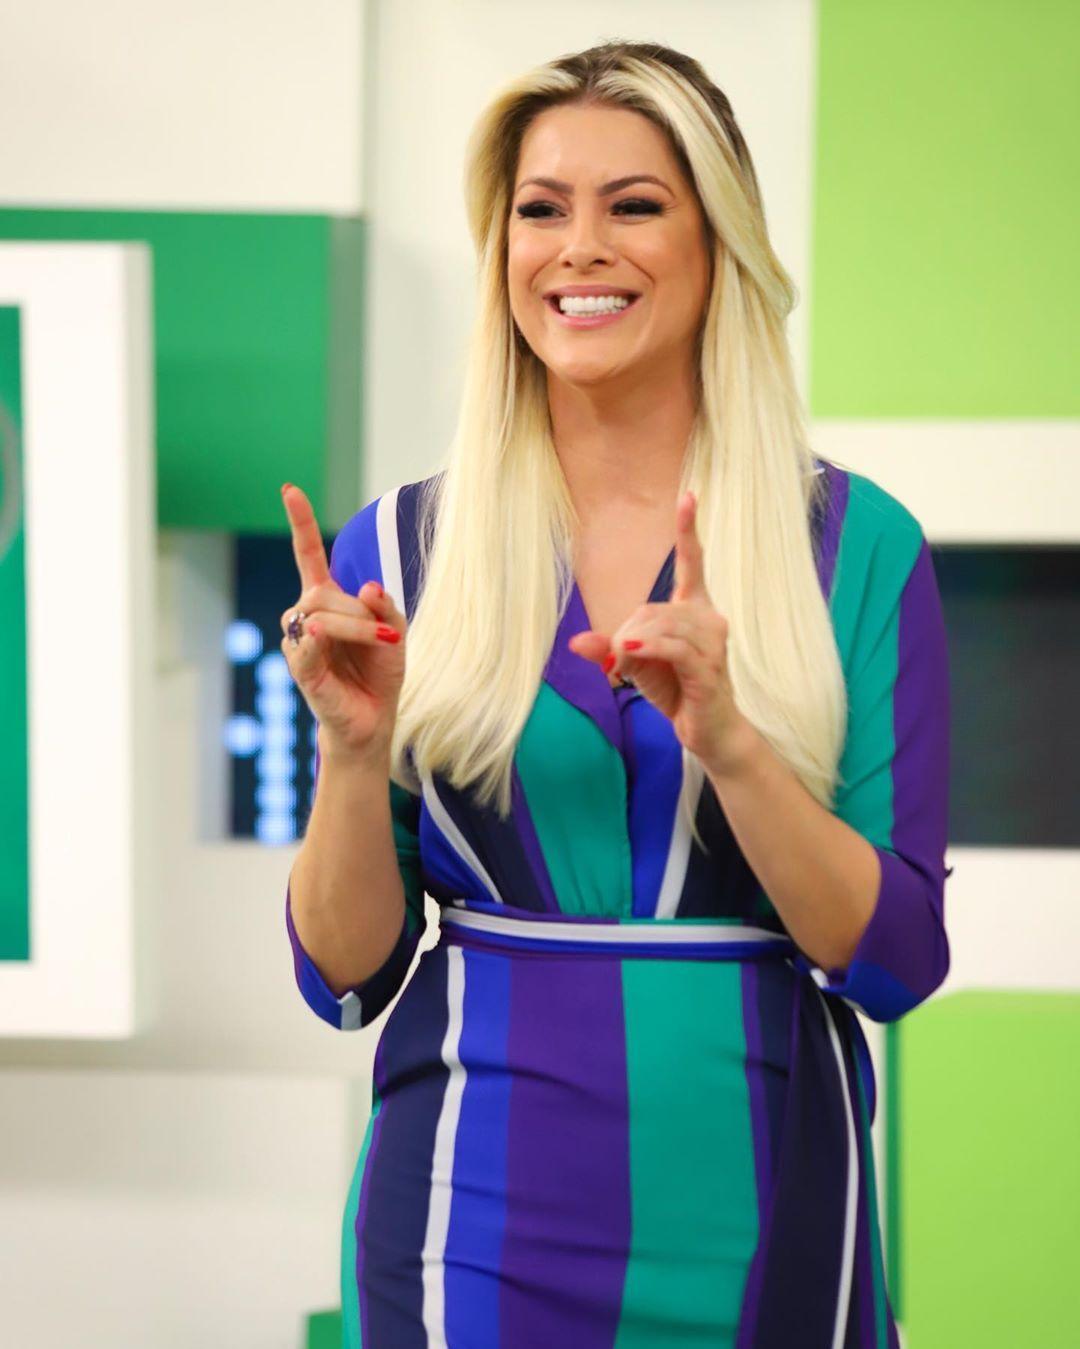 Programa Jogo Aberto No Instagram Sorrisao De Quem Vai Passar O Fim De Semana Ligada No Brasileirao Beleza De Mulher Jogo Aberto Campeonato Brasileiro